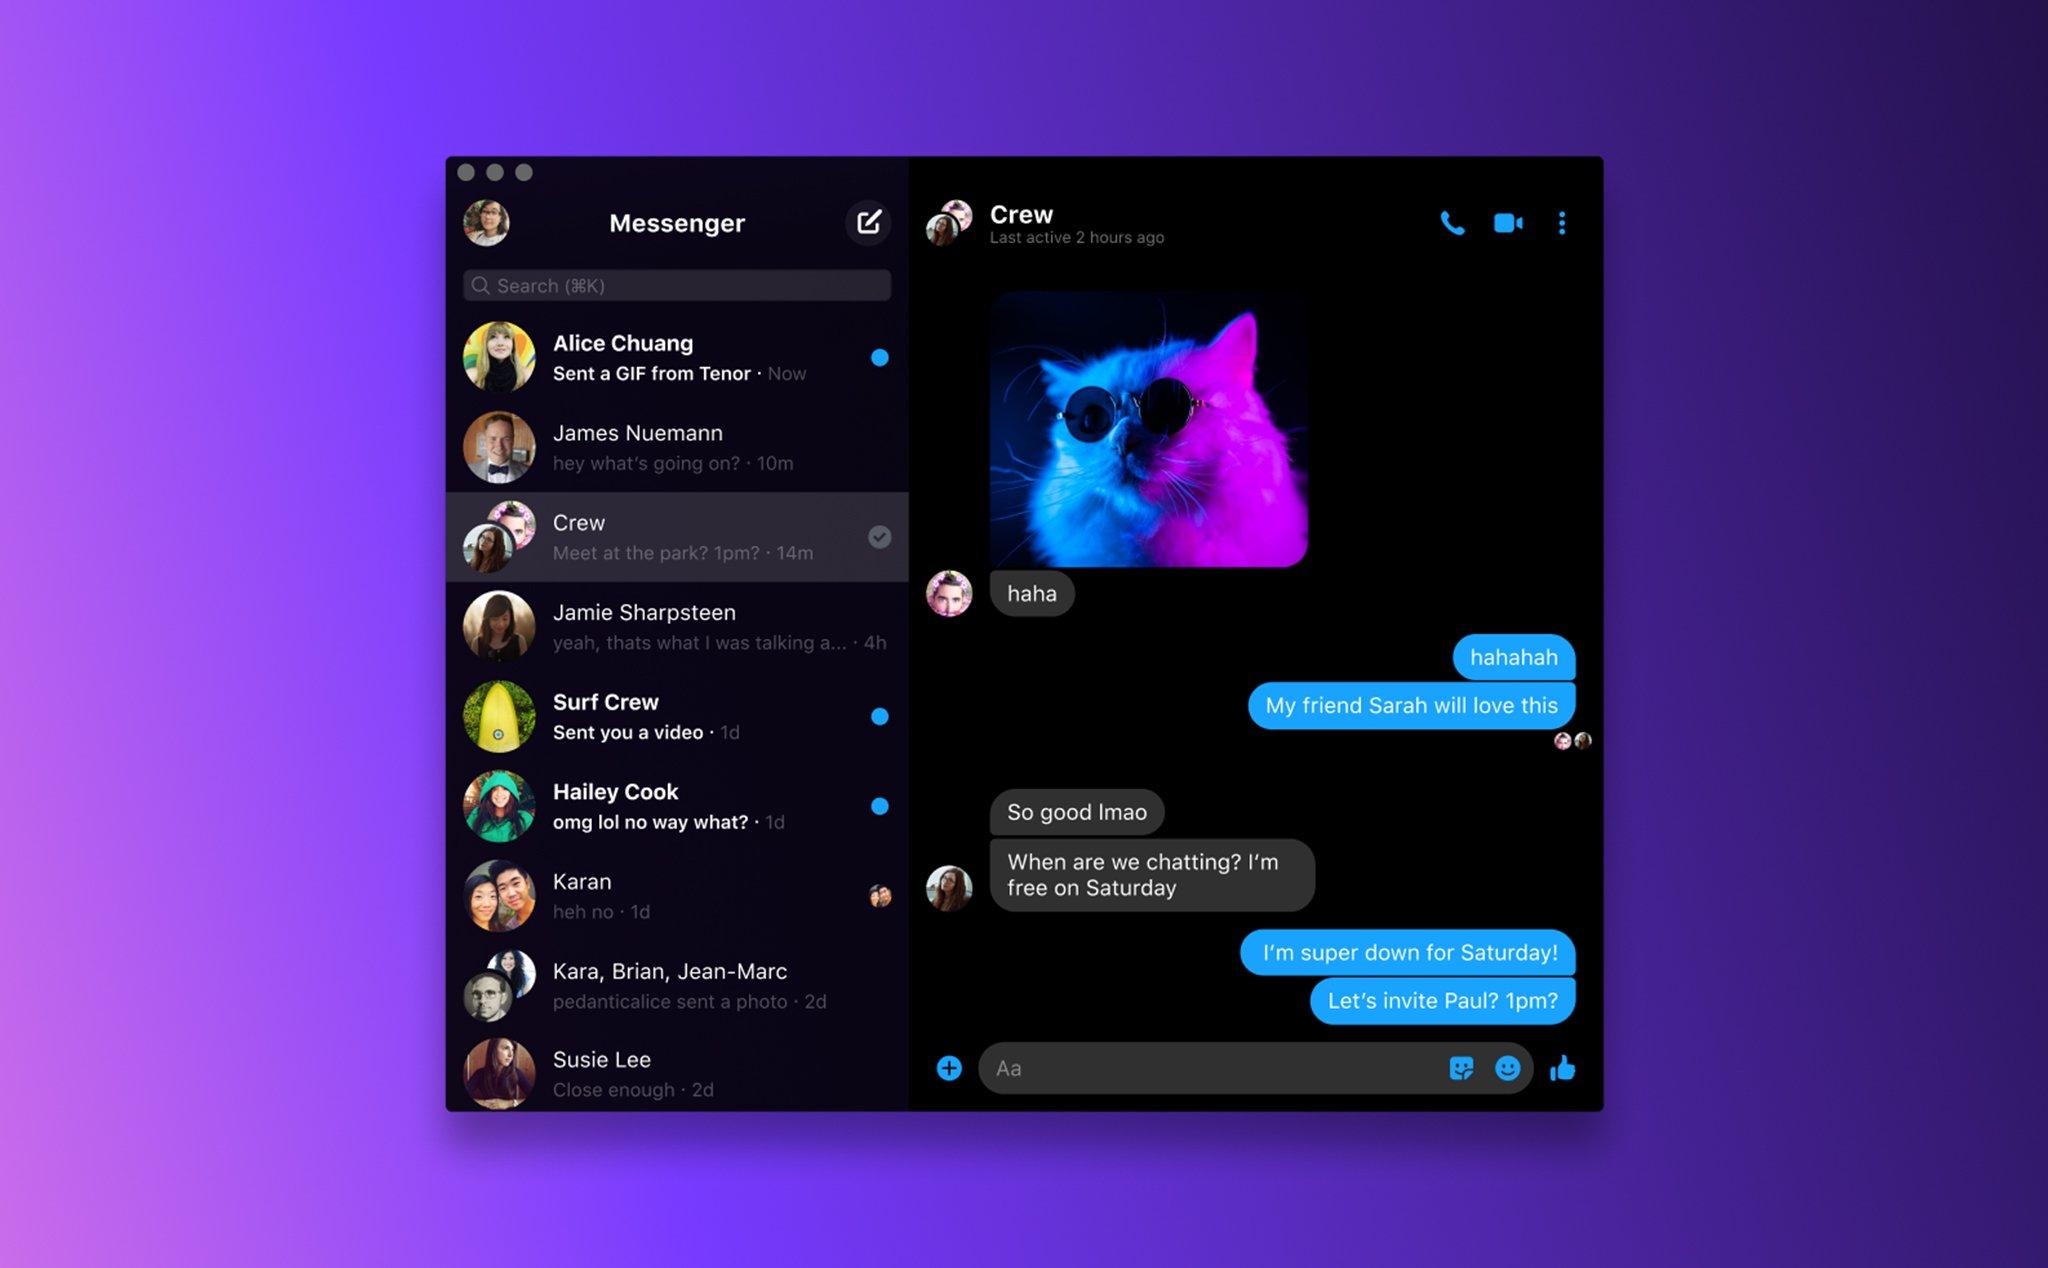 Ứng dụng Facebook Messenger trên máy tính chính thức được phát hành